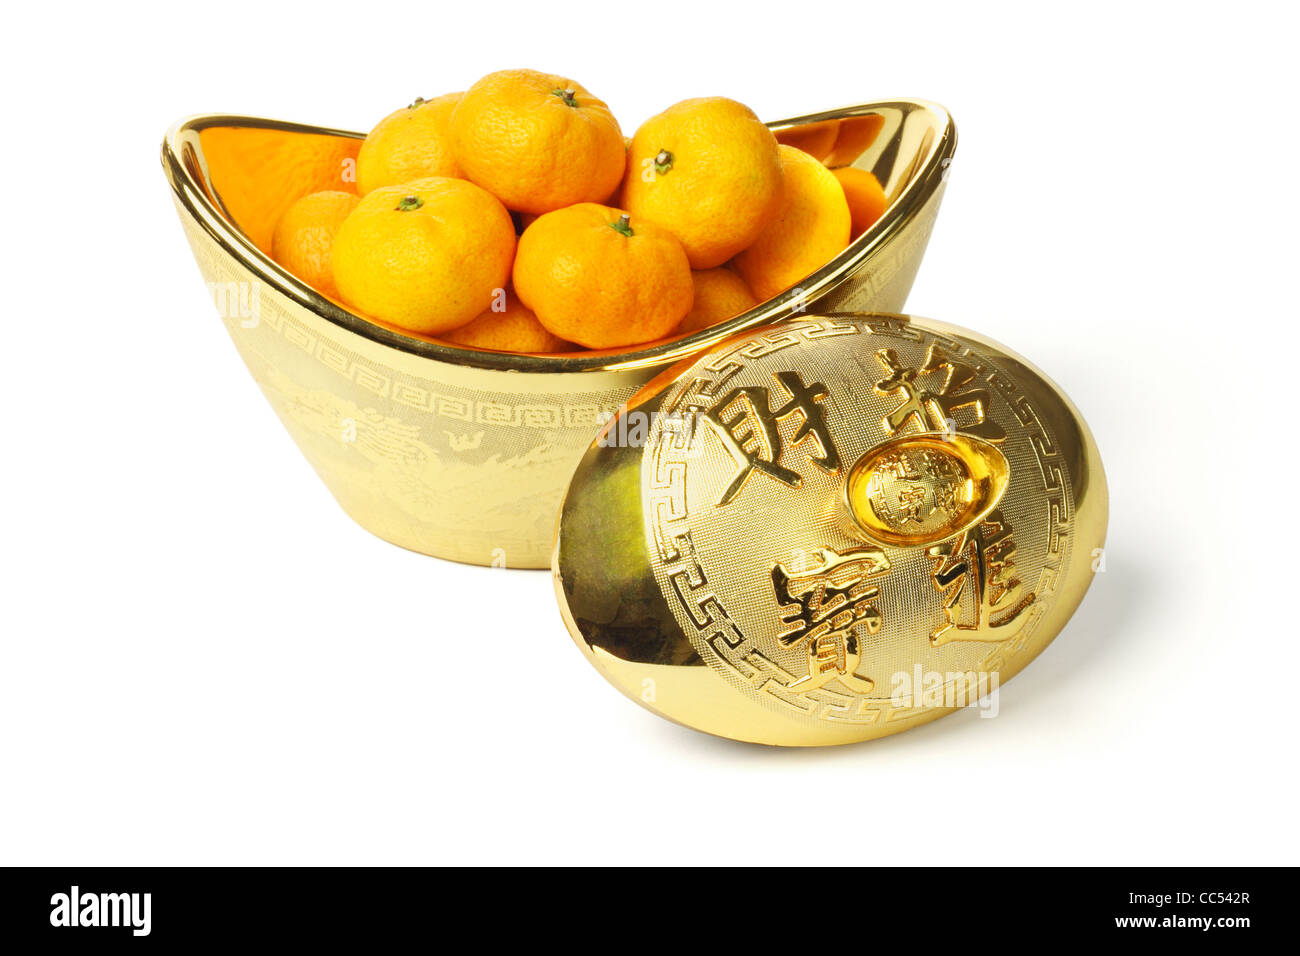 Mandarinen in Goldbarren Container auf weißem Hintergrund Stockbild